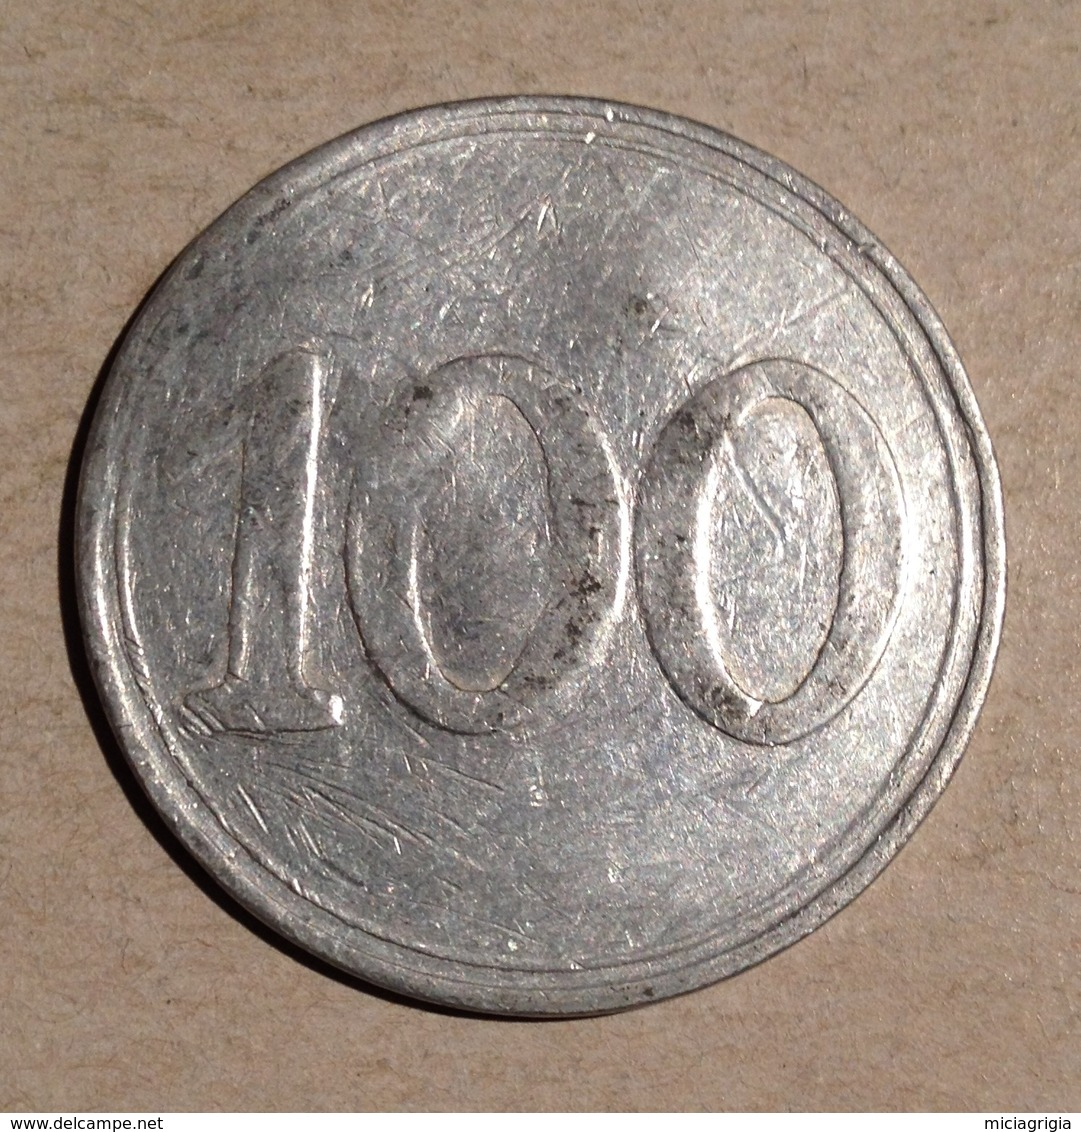 TOKEN JETON GETTONE 100 LIRE ALLUMINIO CON CONTROMARCA L. T. - Jetons & Médailles